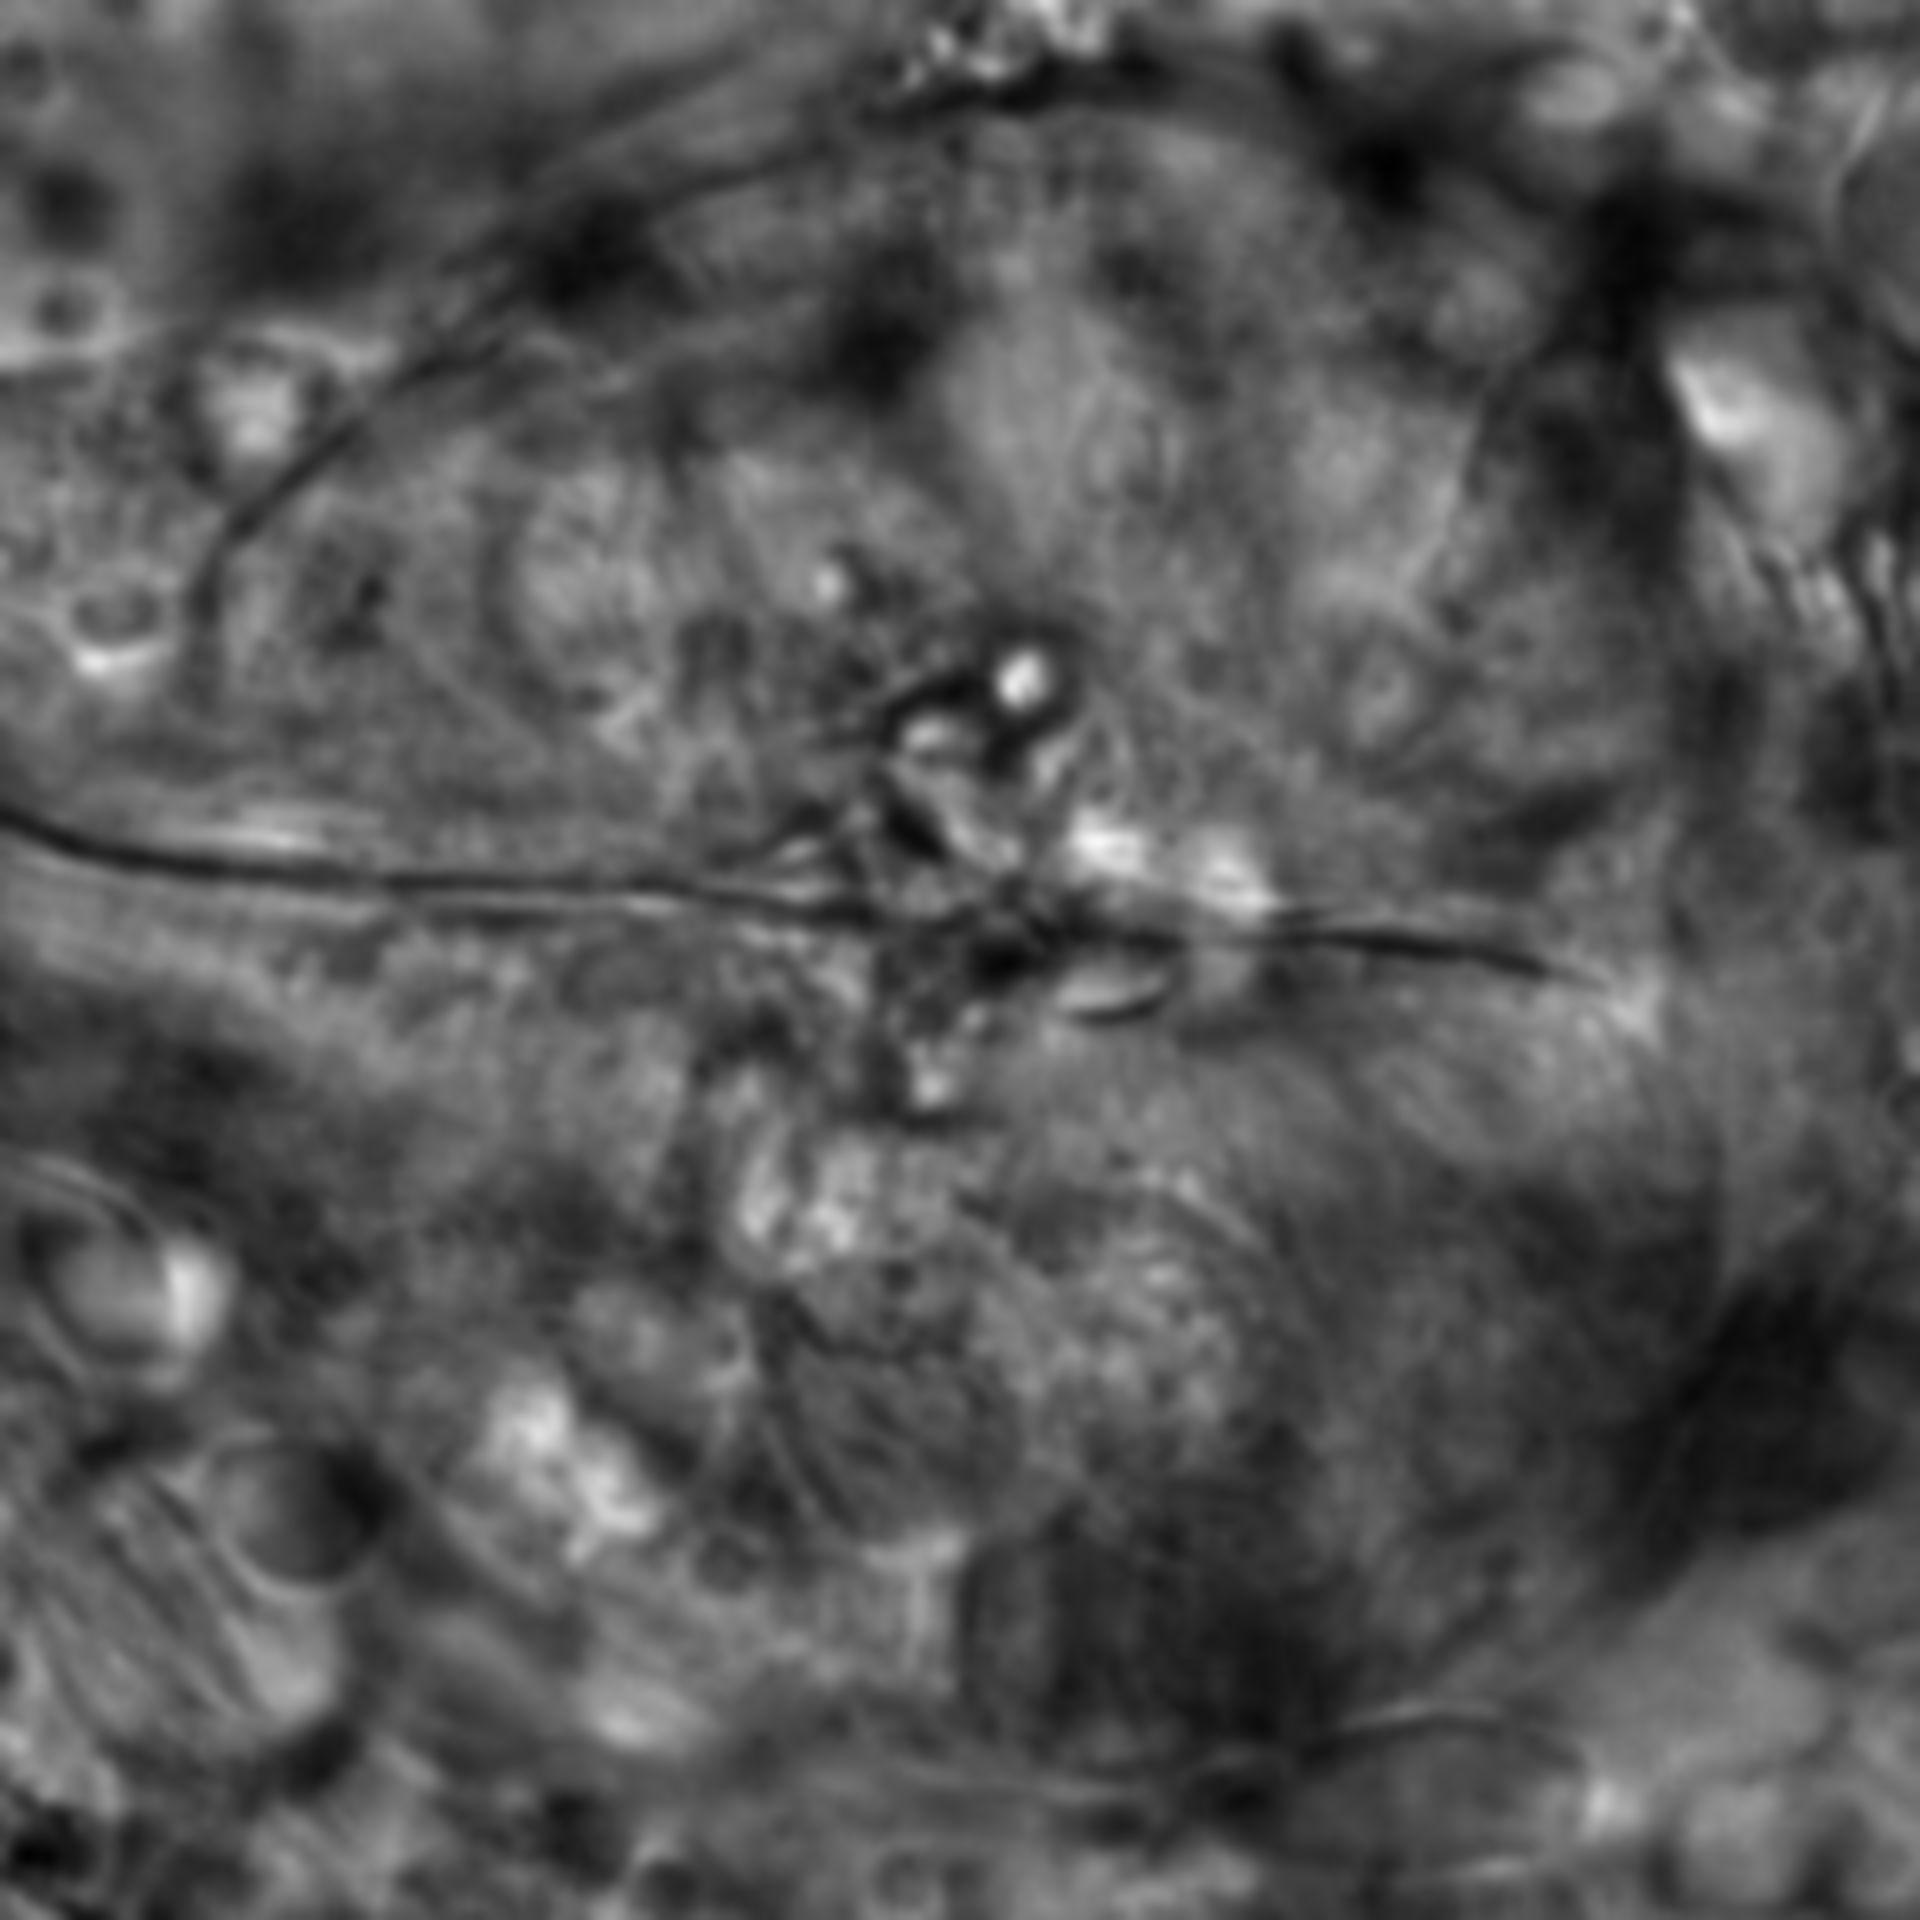 Caenorhabditis elegans - CIL:2655